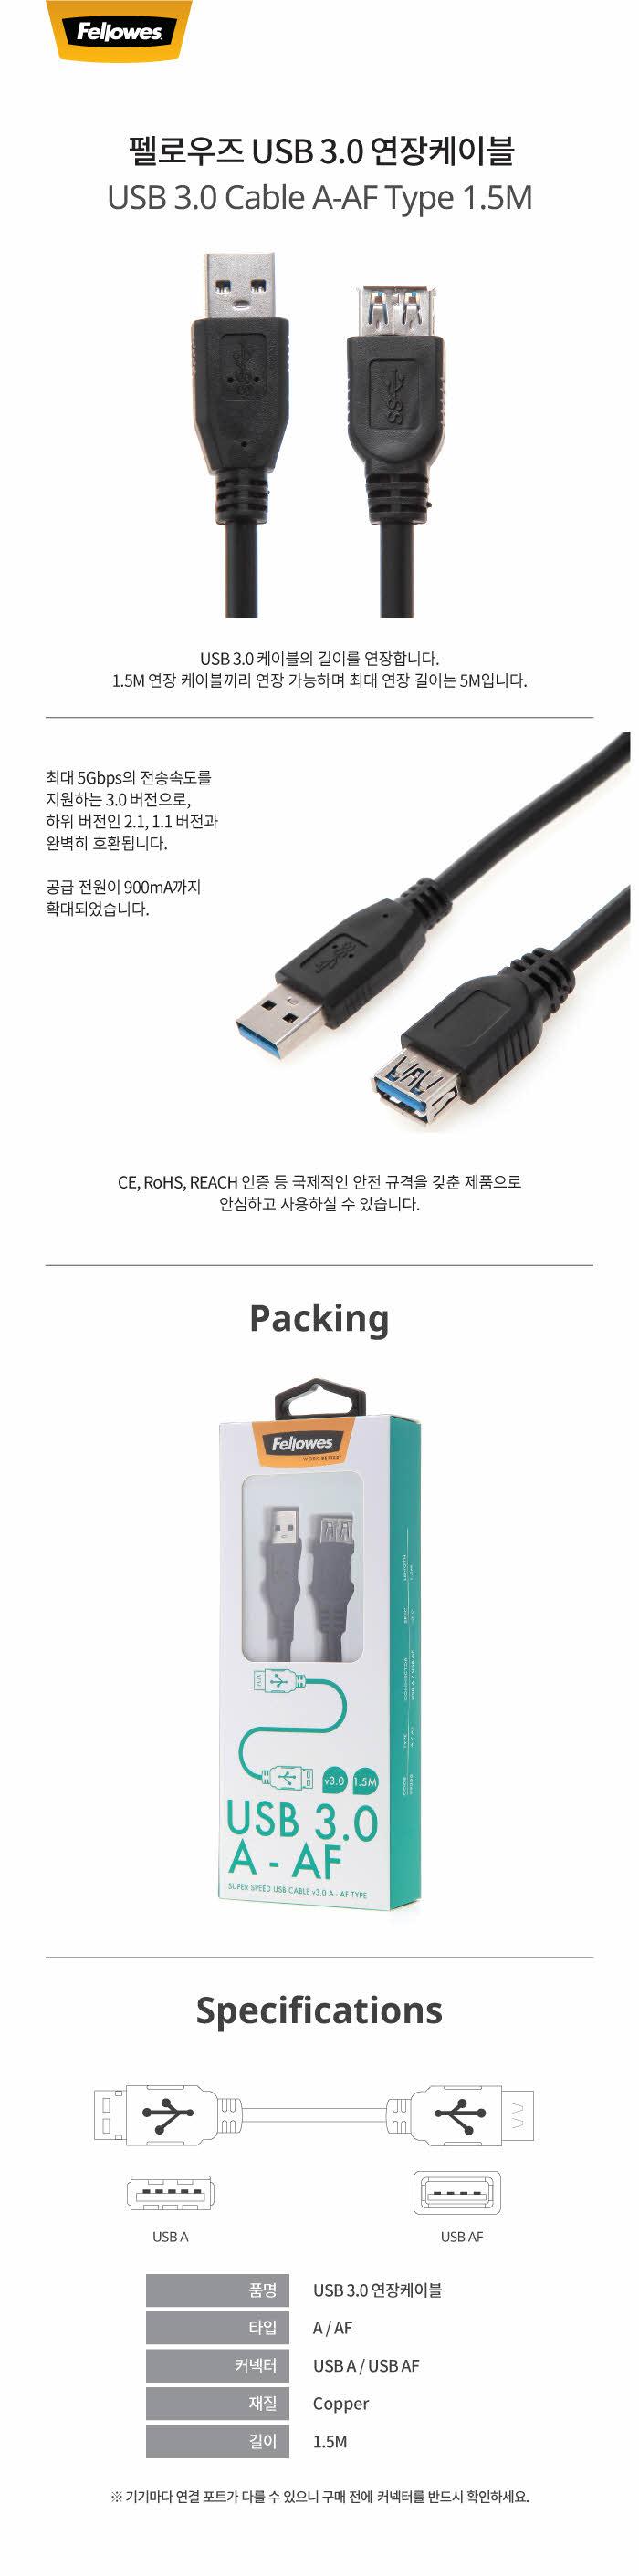 펠로우즈 USB 3.0 연장케이블 1.5M 99338 - 펠로우즈, 12,900원, 케이블, 연장케이블